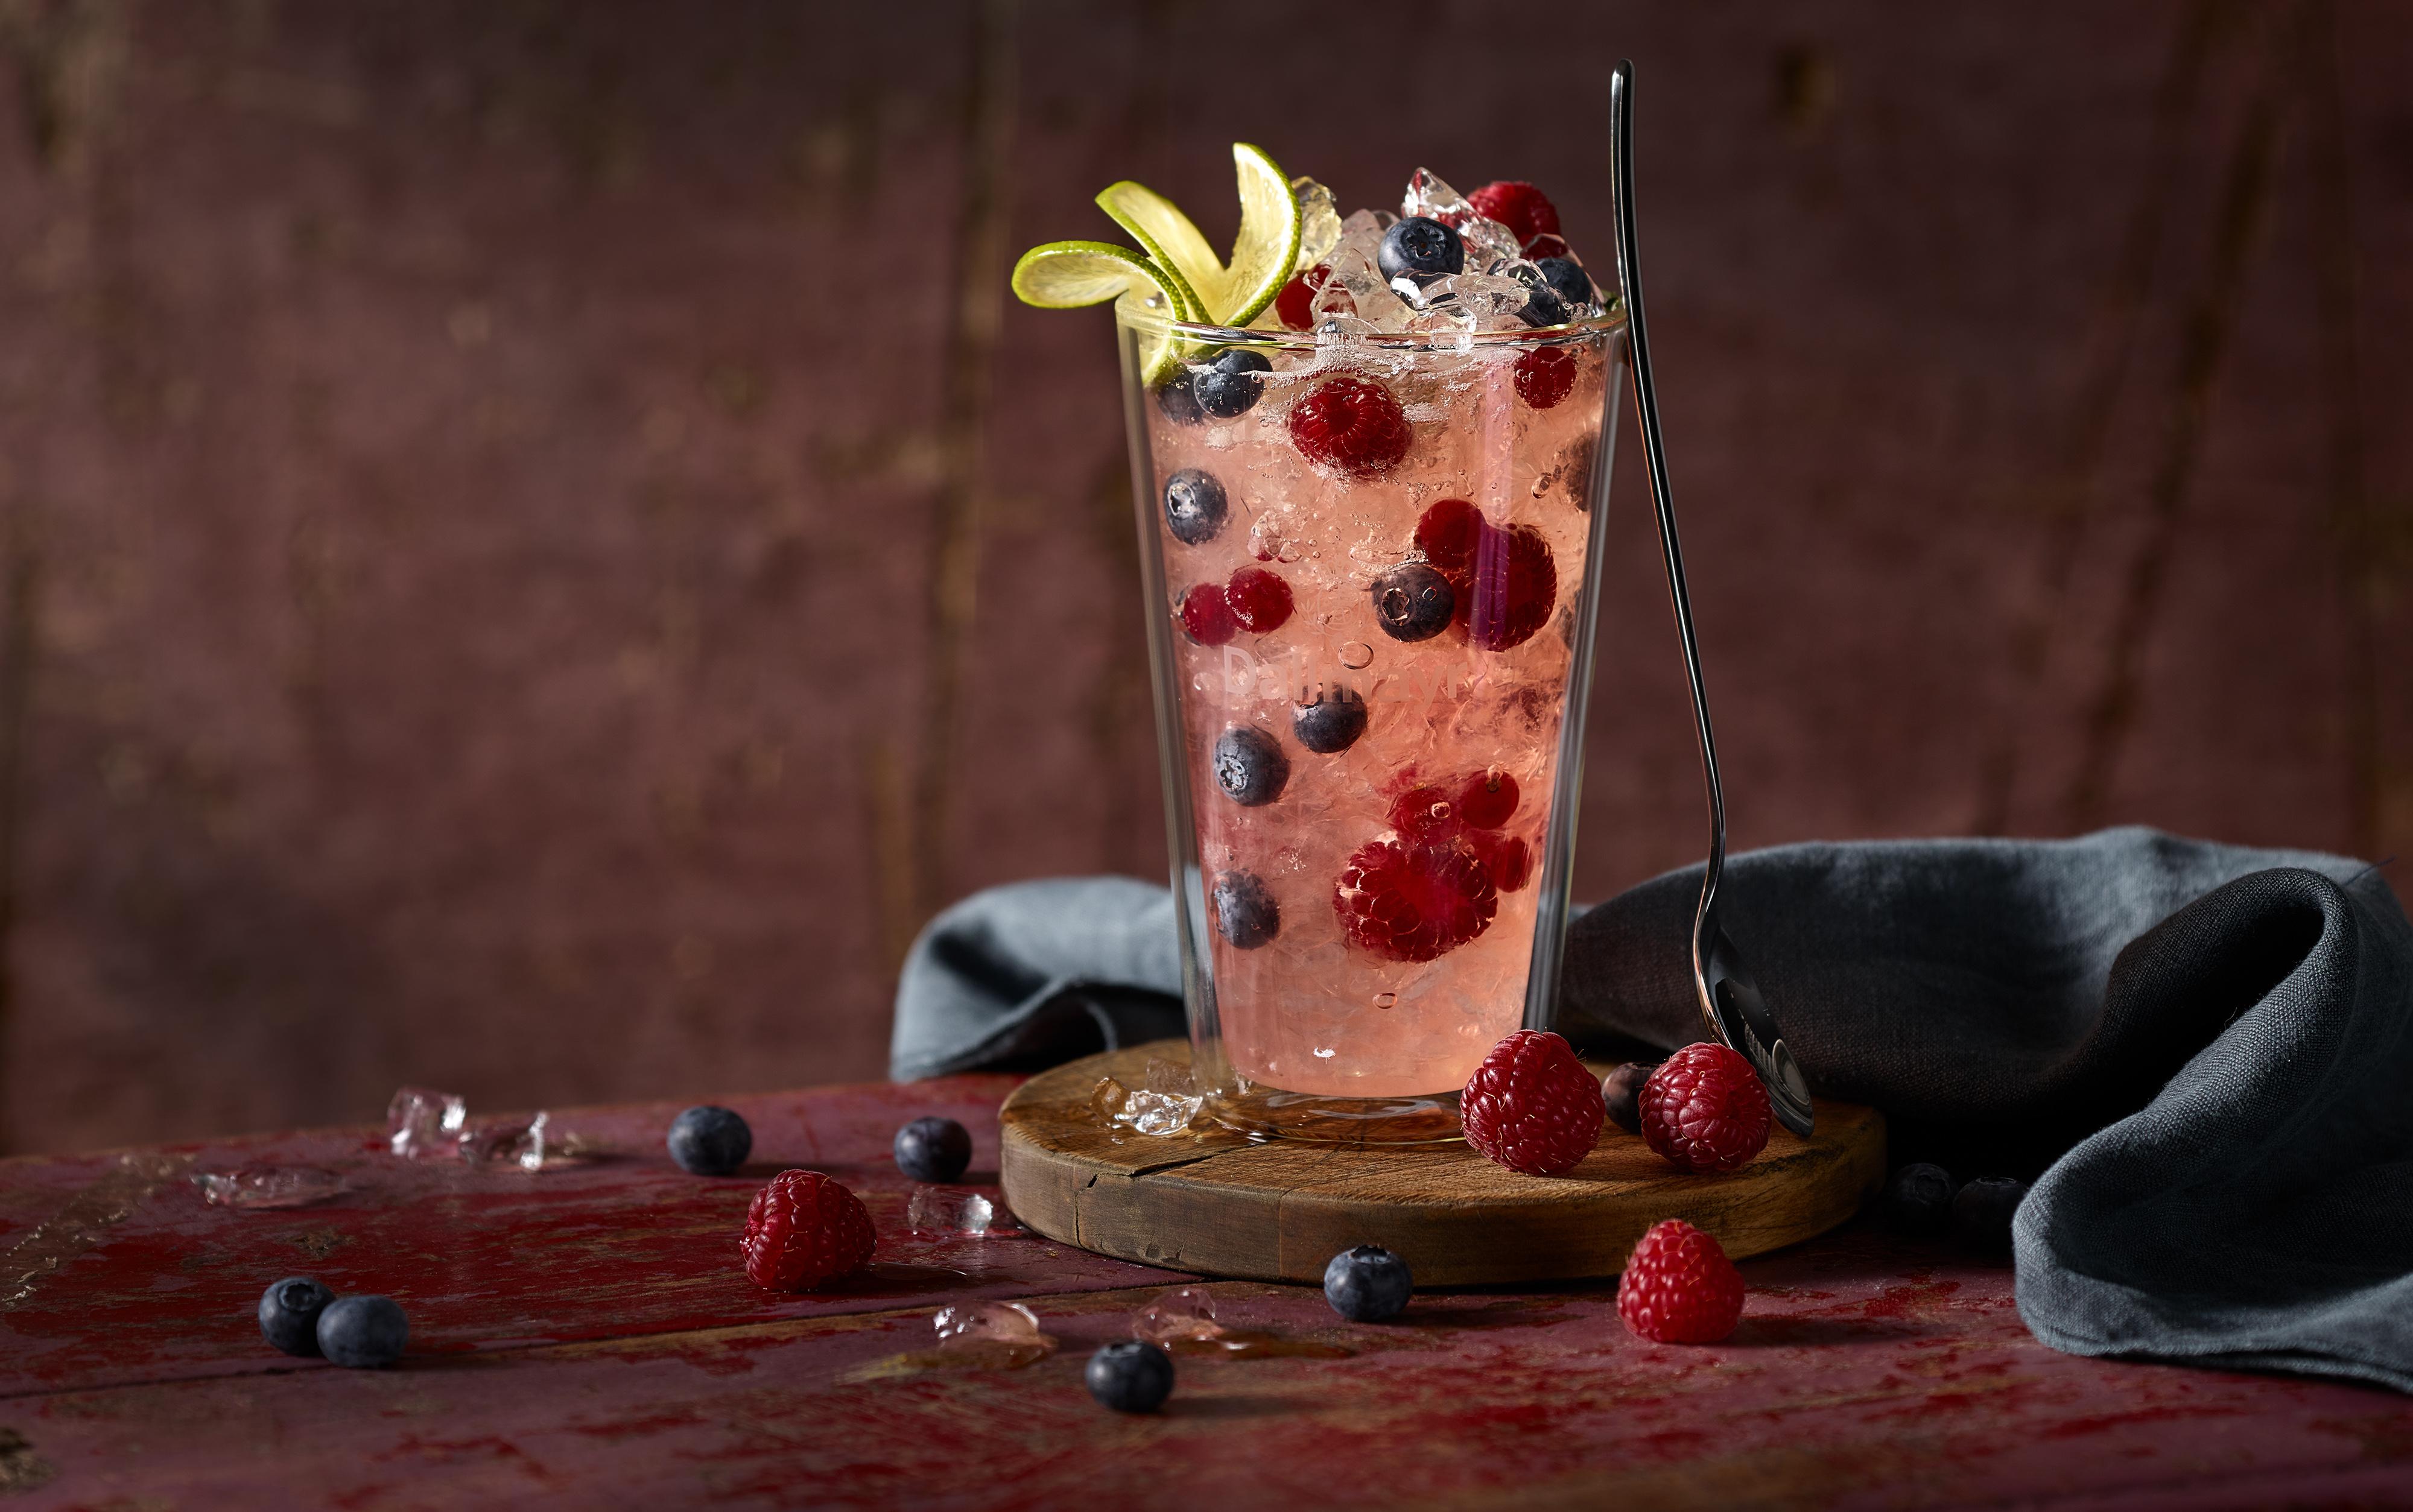 Tee Wild Berry ist im Glas mit Eiswürfeln Himbeeren Blaubeeren. Es ist ein leckes Cocktail Rezept. Hintergrund und Untergrund sind stylisch wie bei Instagram es liegt noch eine Serviette im Hintergrund